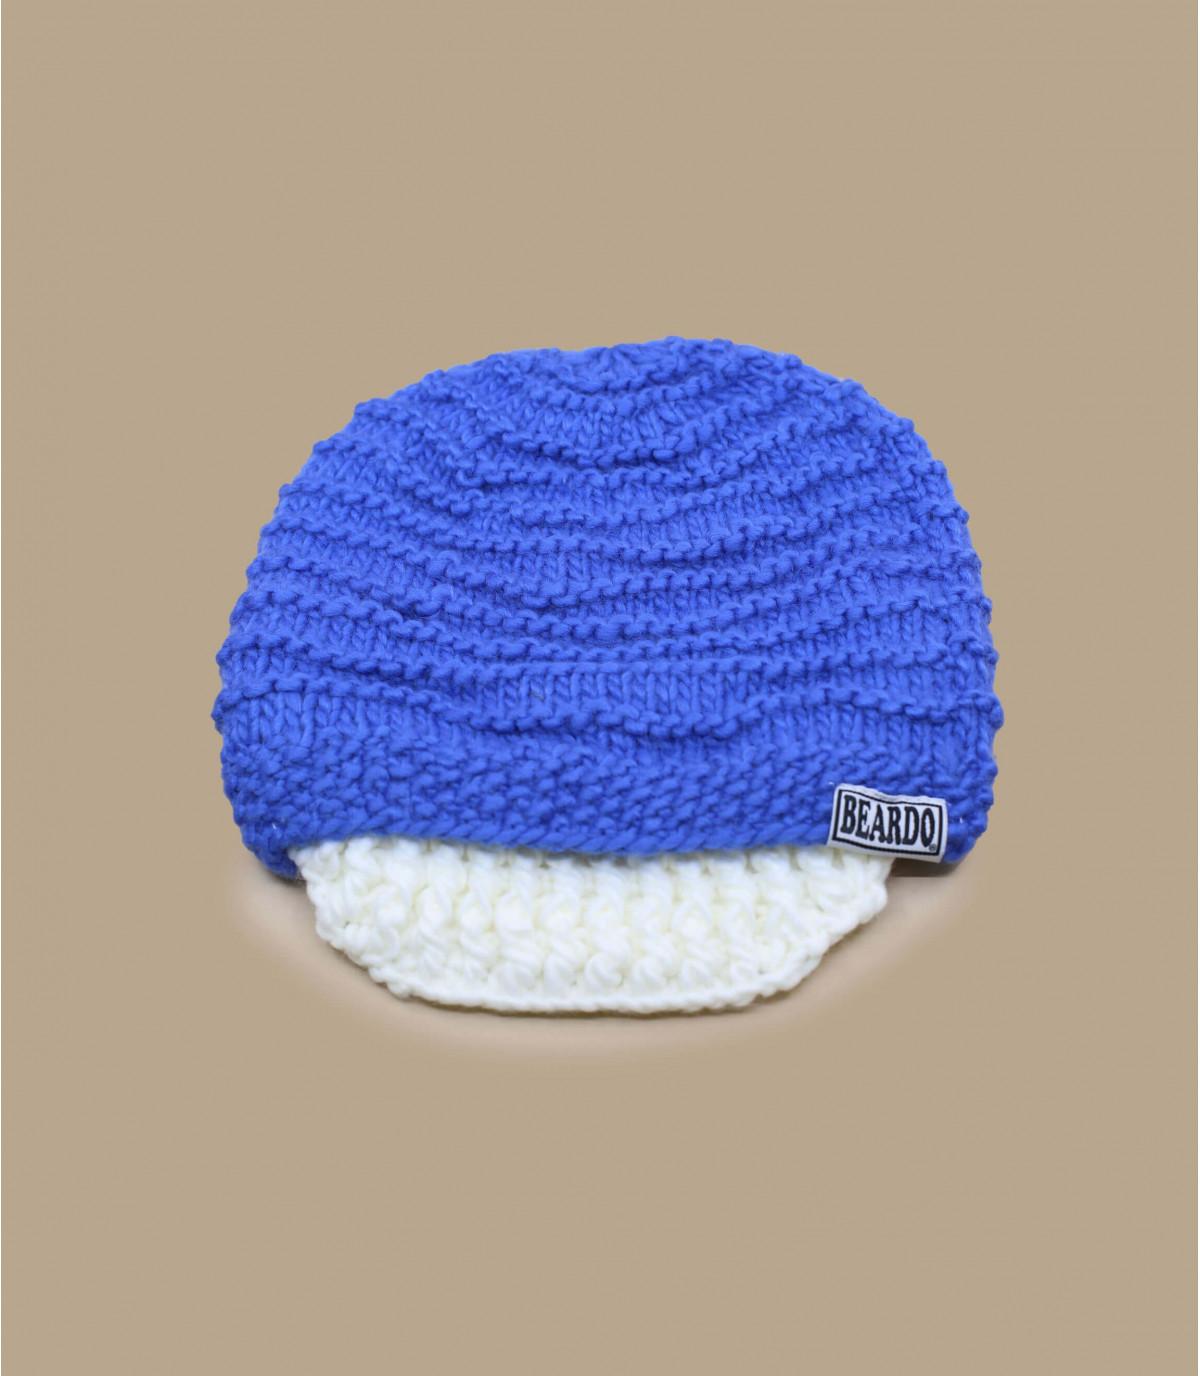 Beardo Toronto blue